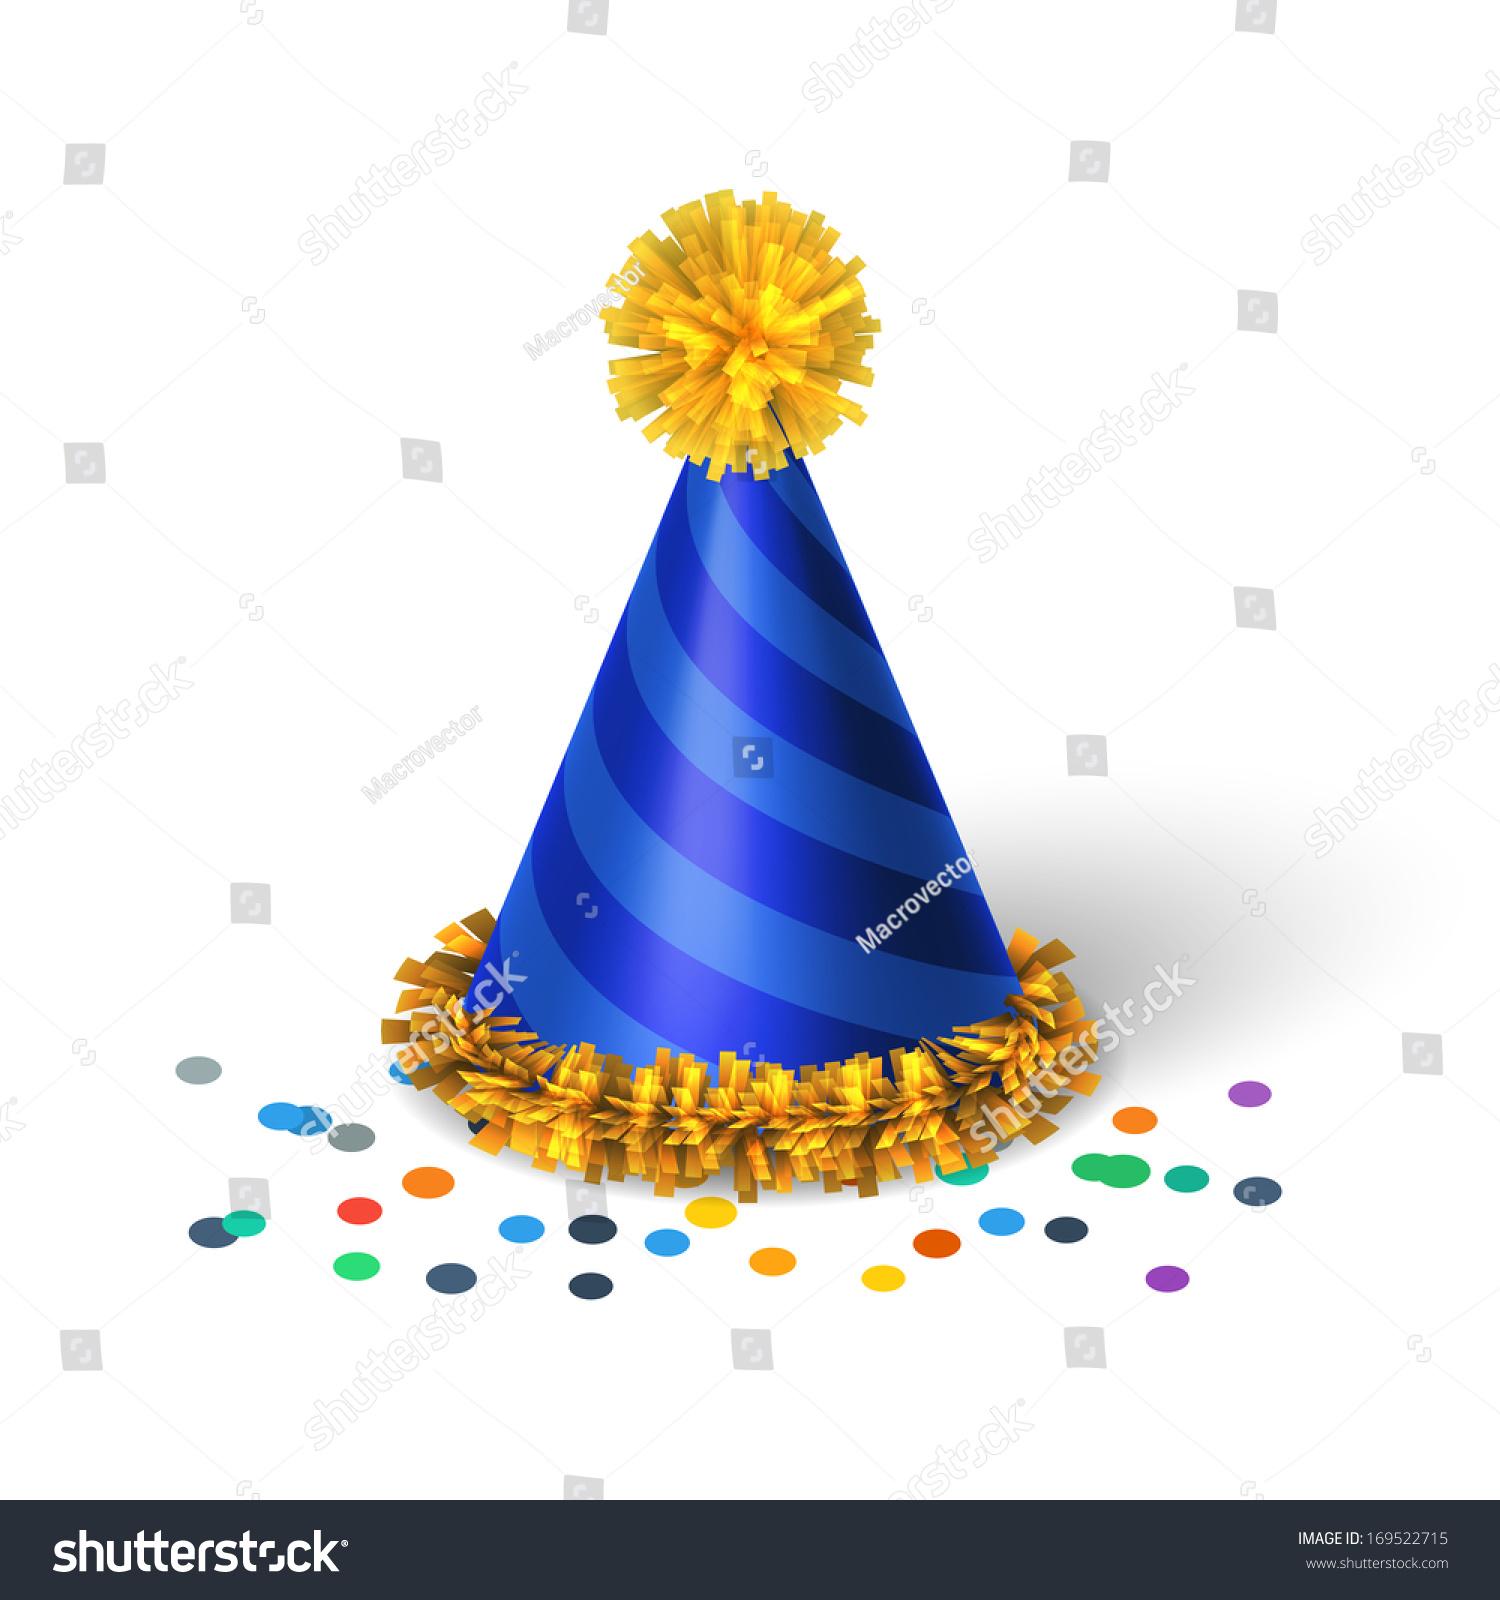 蓝色的生日帽子螺旋孤立的矢量图